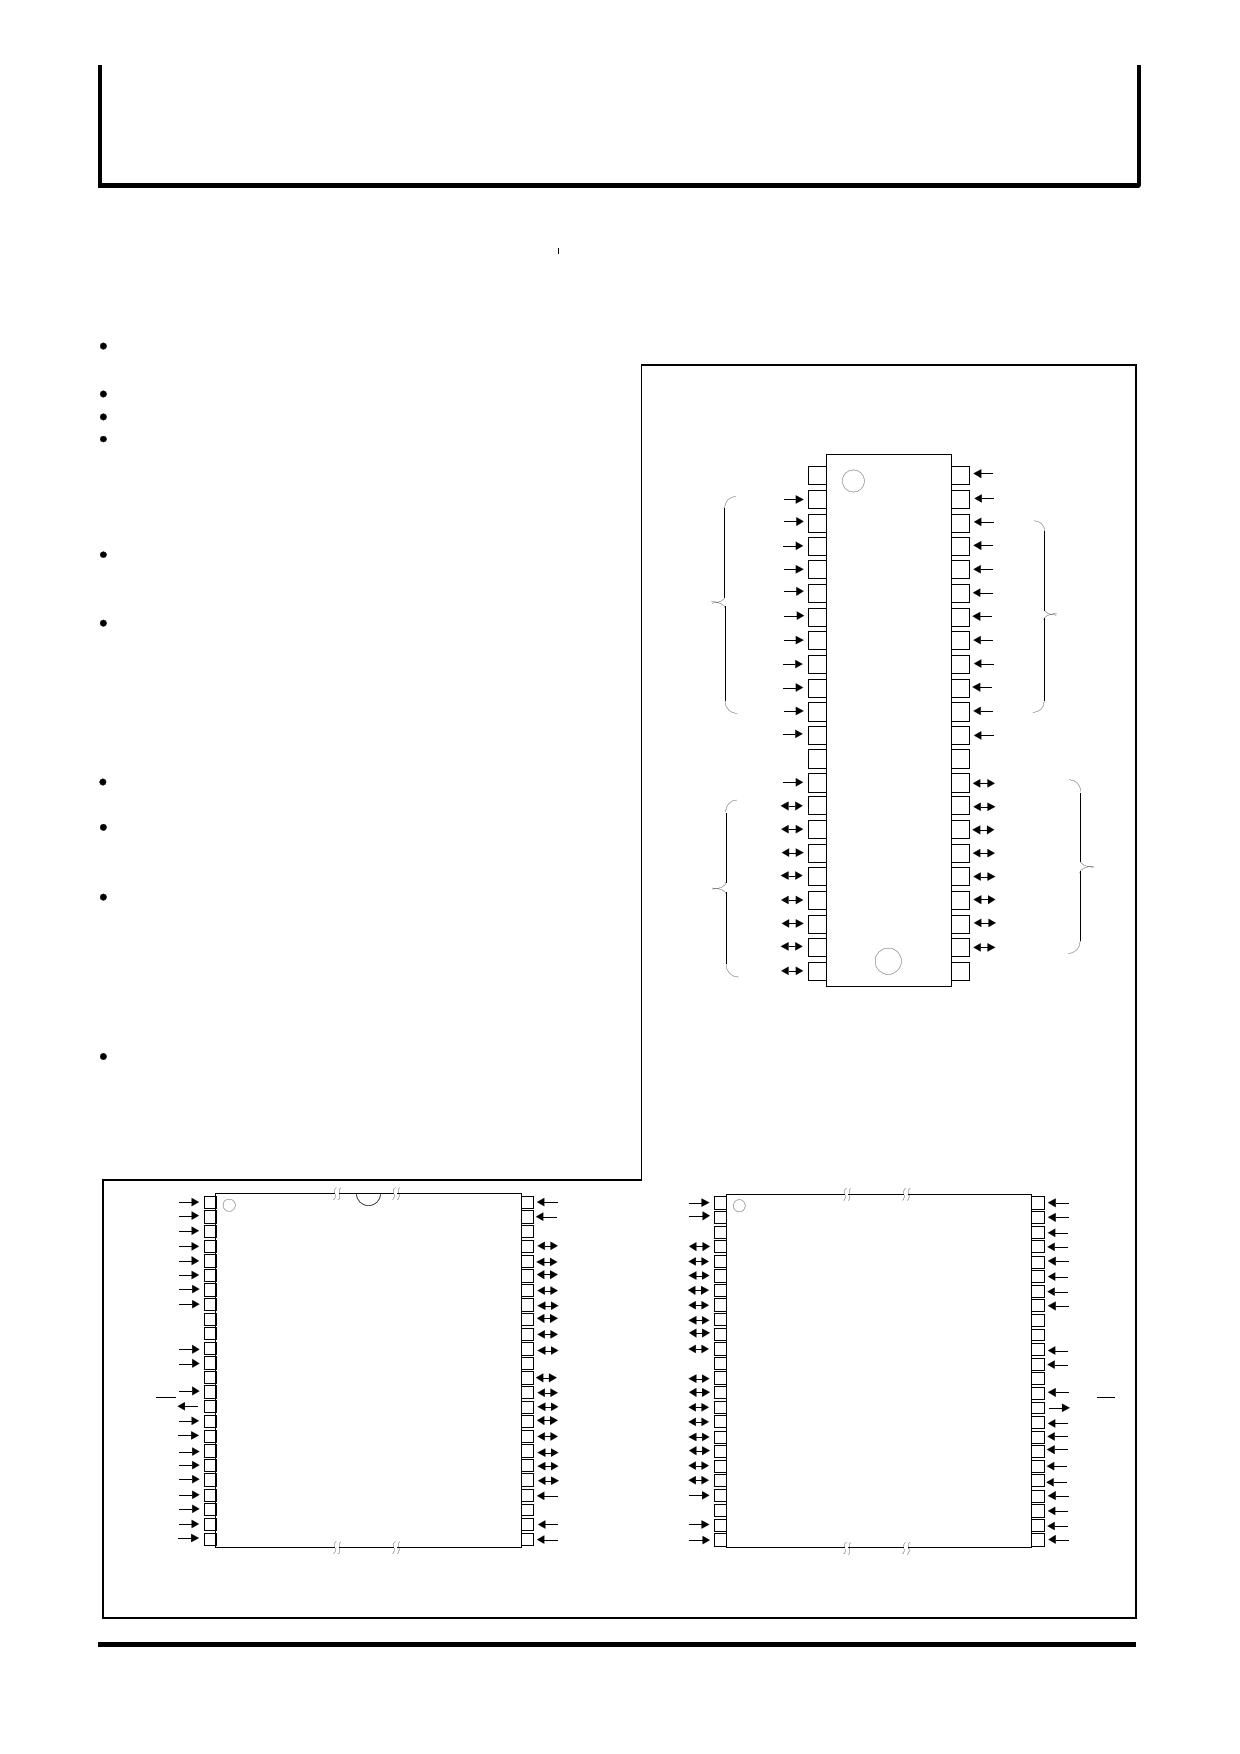 M5M29FB800VP-12 datasheet, circuit